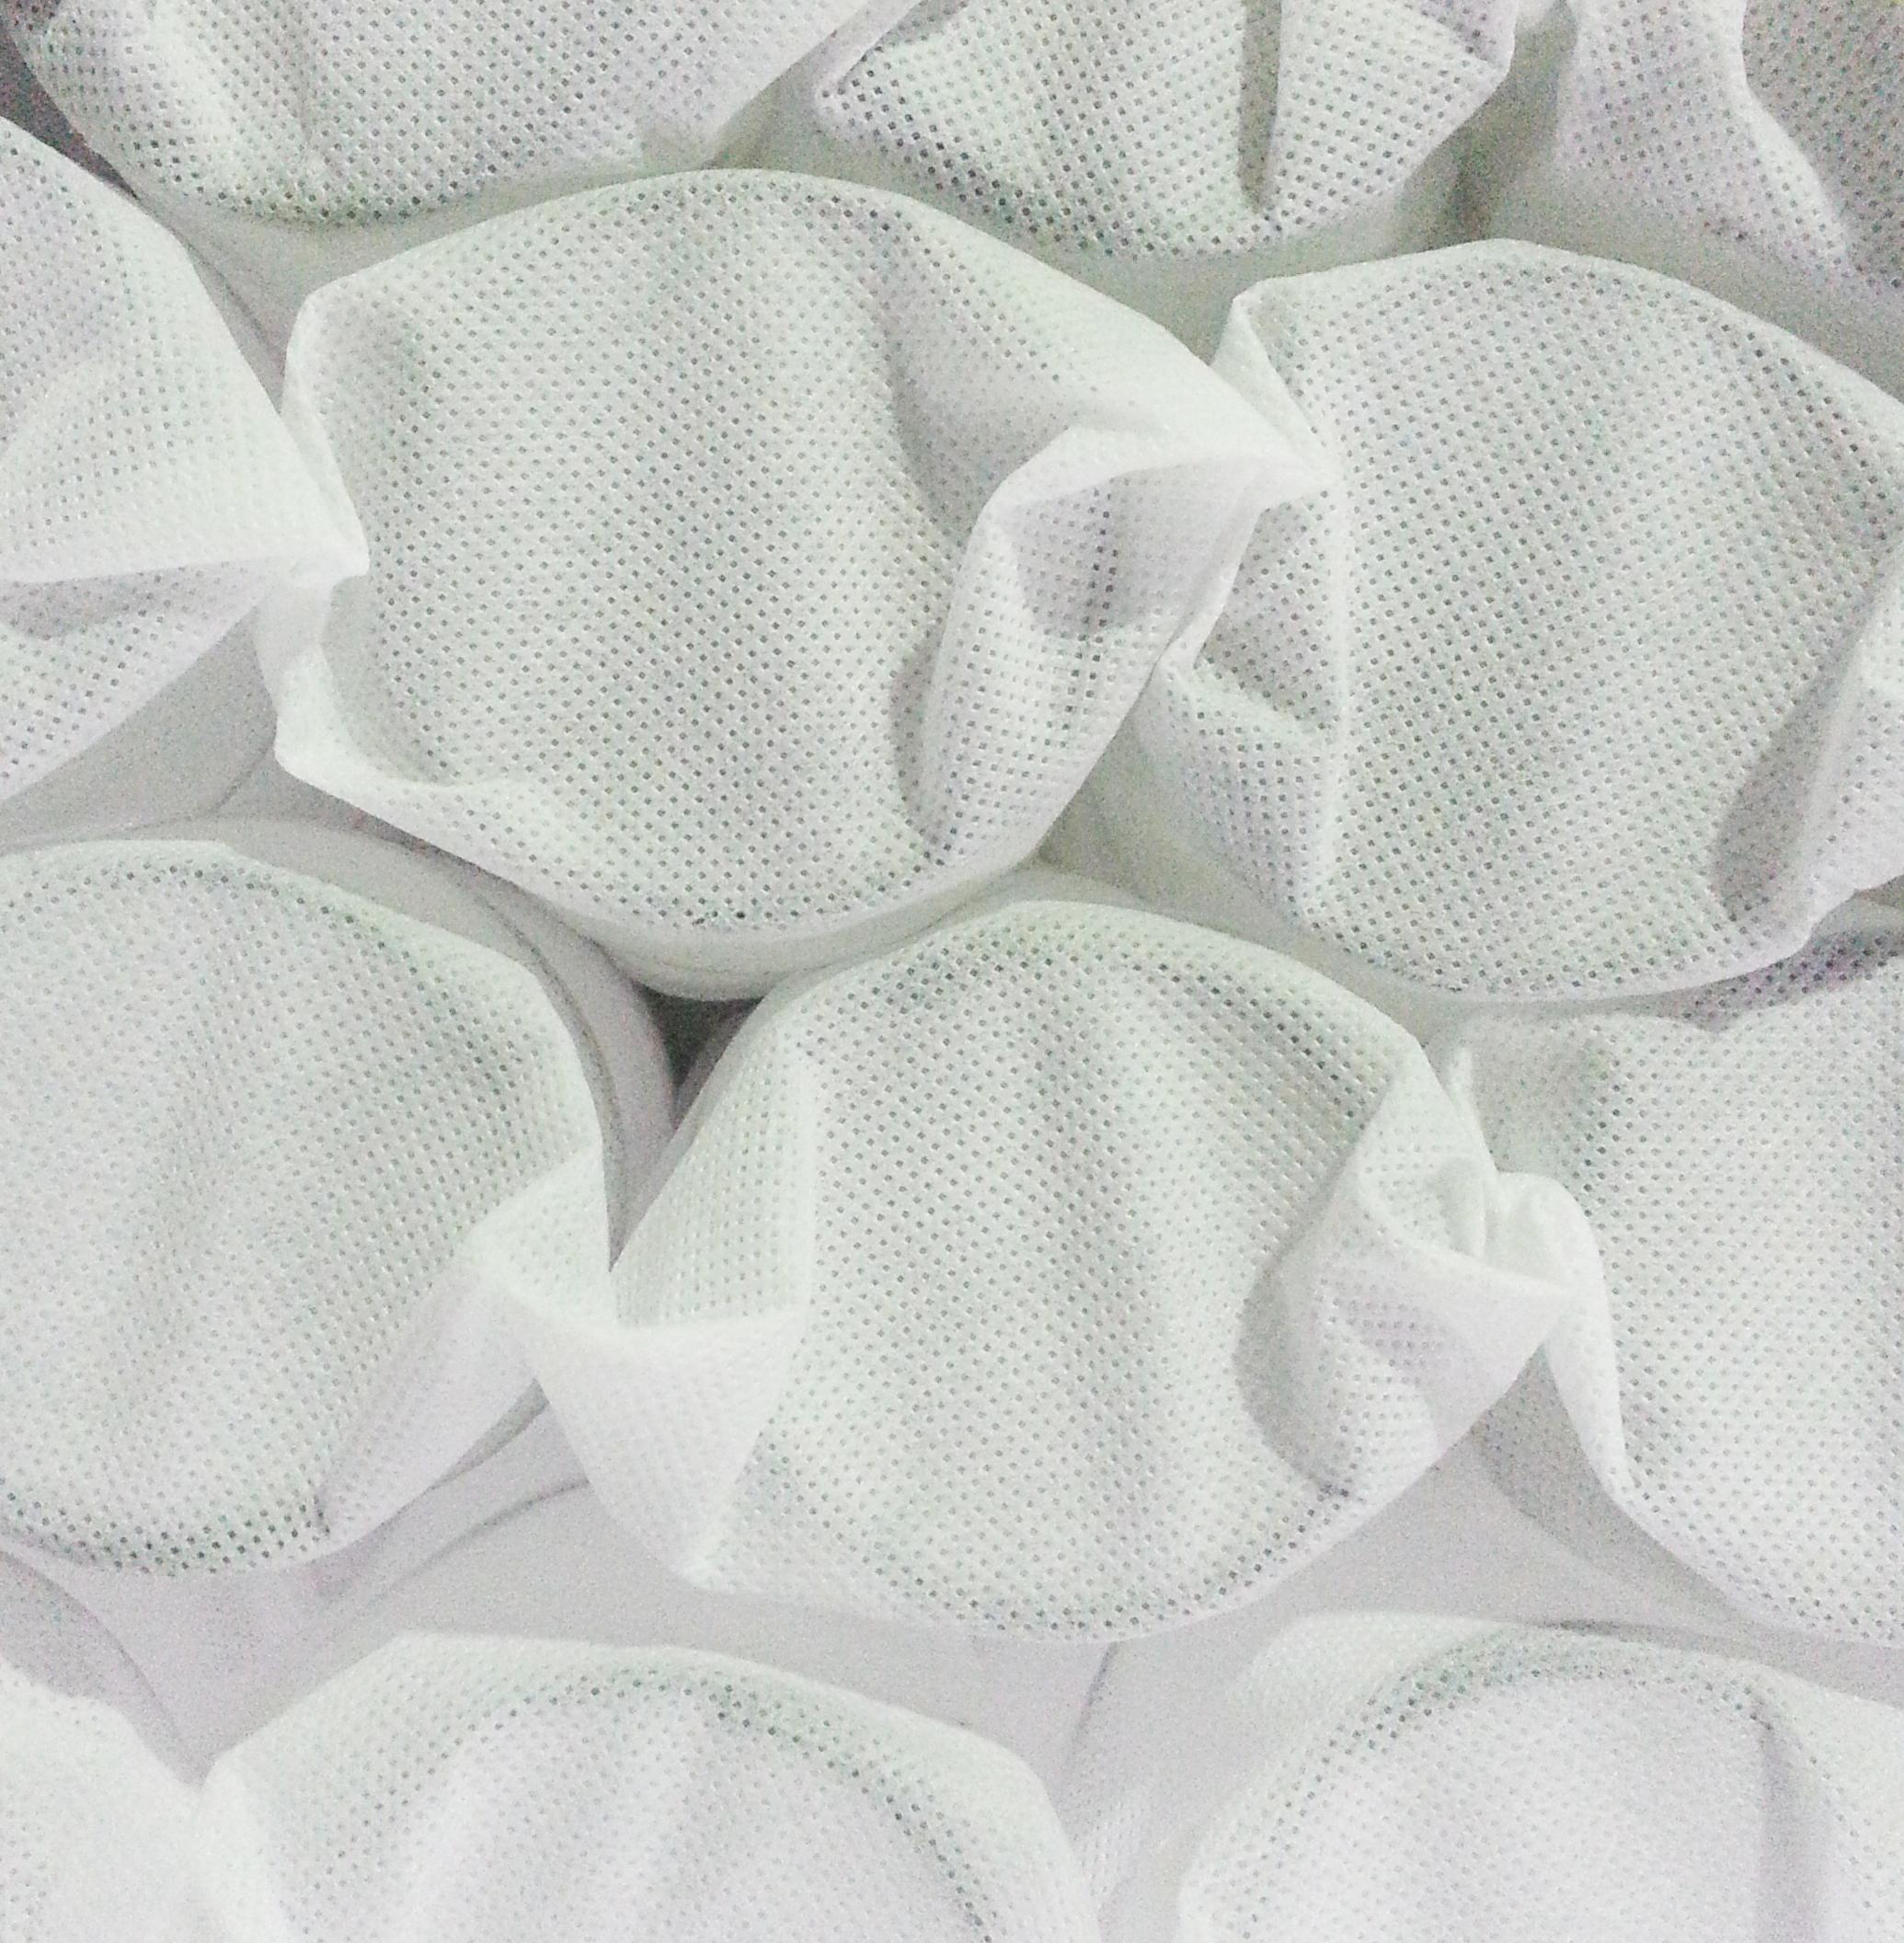 為了讓床墊牢固而富有彈性,【頑皮男孩】深眠床墊,採用了蜂巢式獨立筒設計,彈簧之間的排列密度多它款20%,在牢固支撐度及脊椎服貼度上都優於其他獨立筒彈簧,對於孩子的骨骼發育很有幫助。